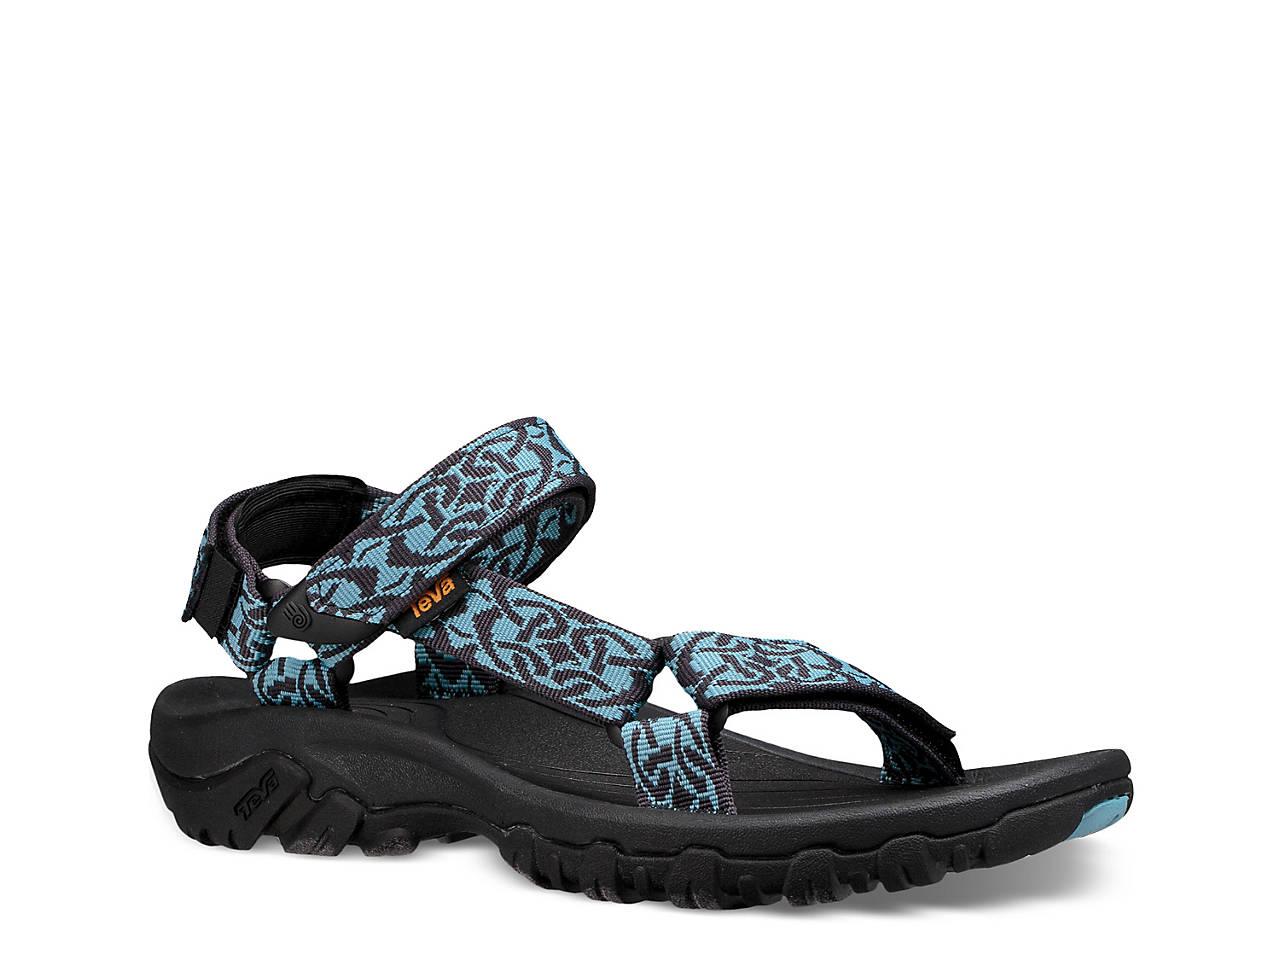 af09673840e Teva Hurricane 4 Sandal Women s Shoes